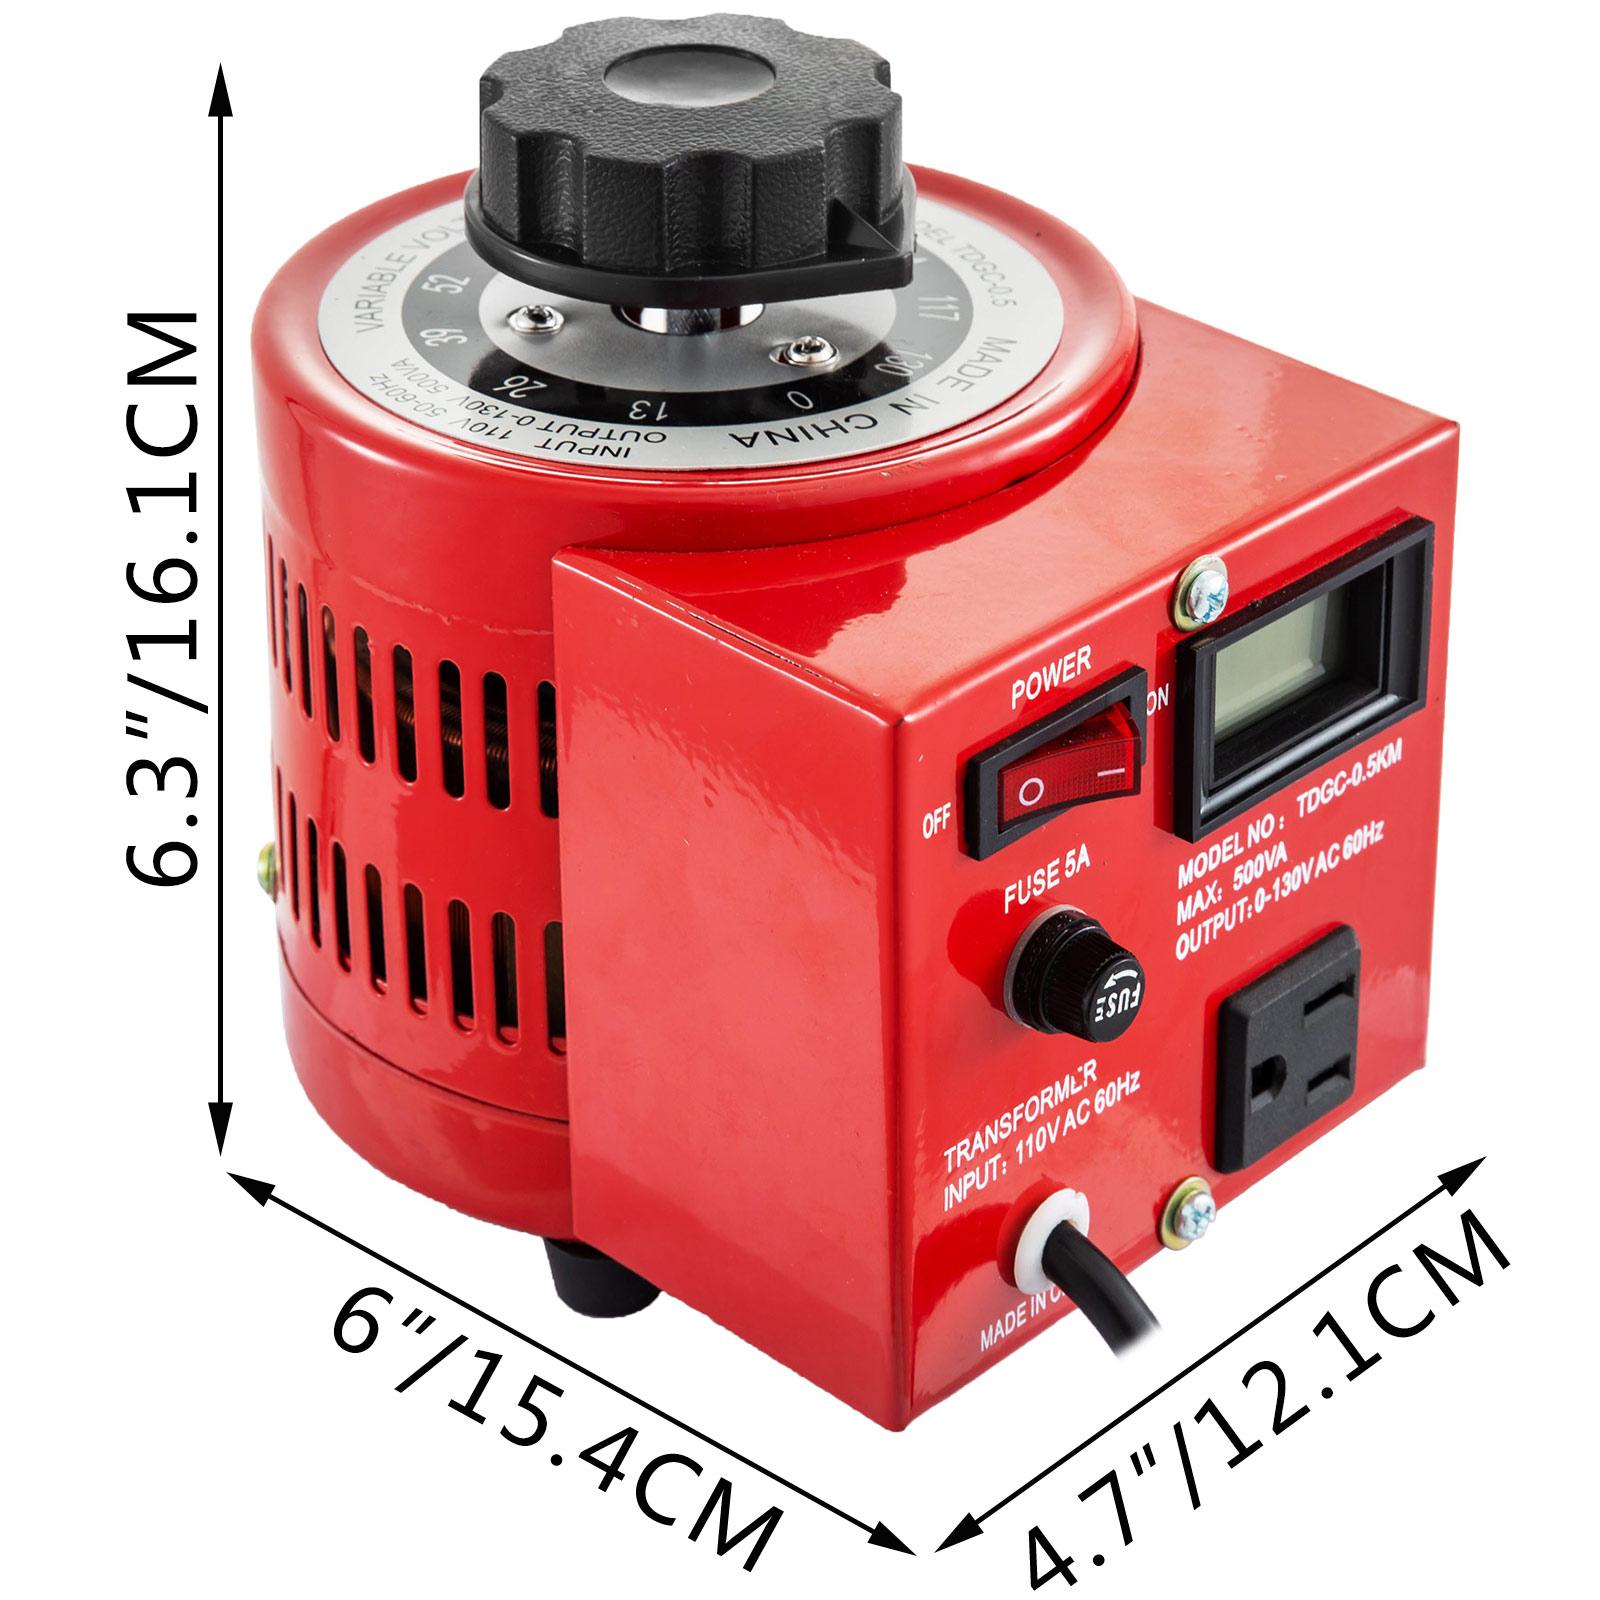 Variac-Variable-Transforme-0-5-1-2-3KVA-LCD-Single-Phase-Digital-Display-0-130V thumbnail 20